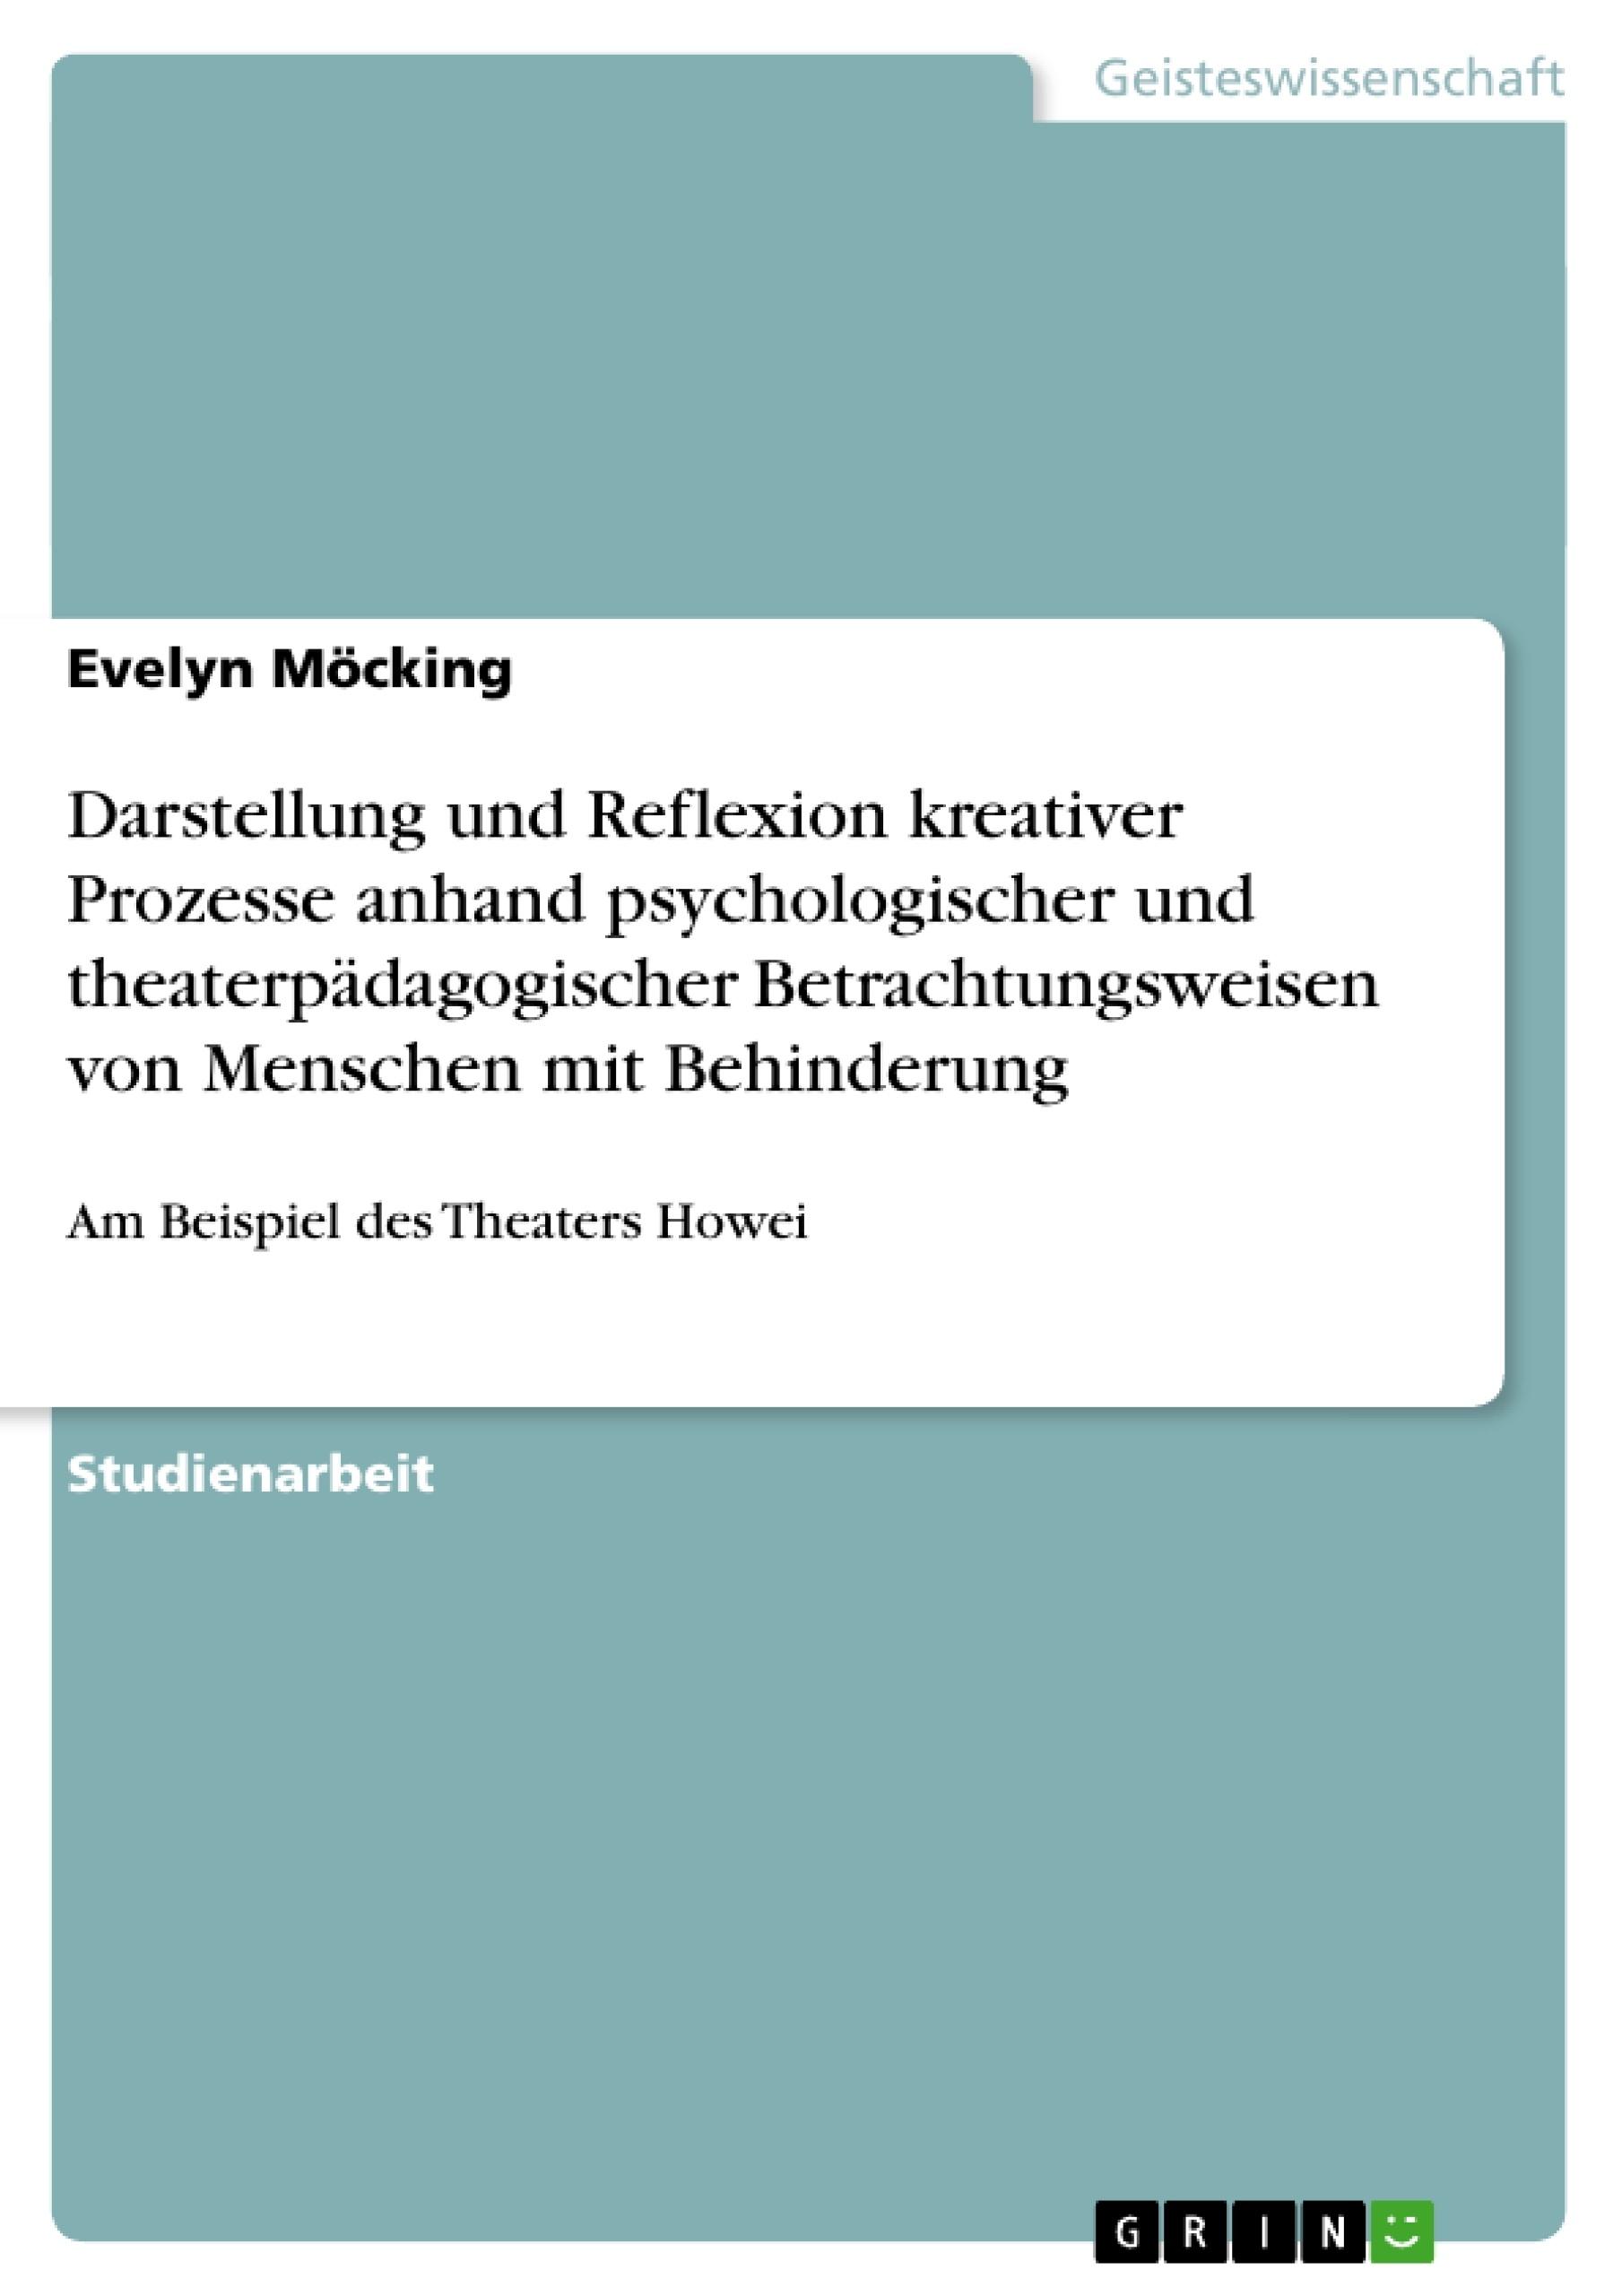 Titel: Darstellung und Reflexion kreativer Prozesse anhand psychologischer und theaterpädagogischer Betrachtungsweisen von Menschen mit Behinderung